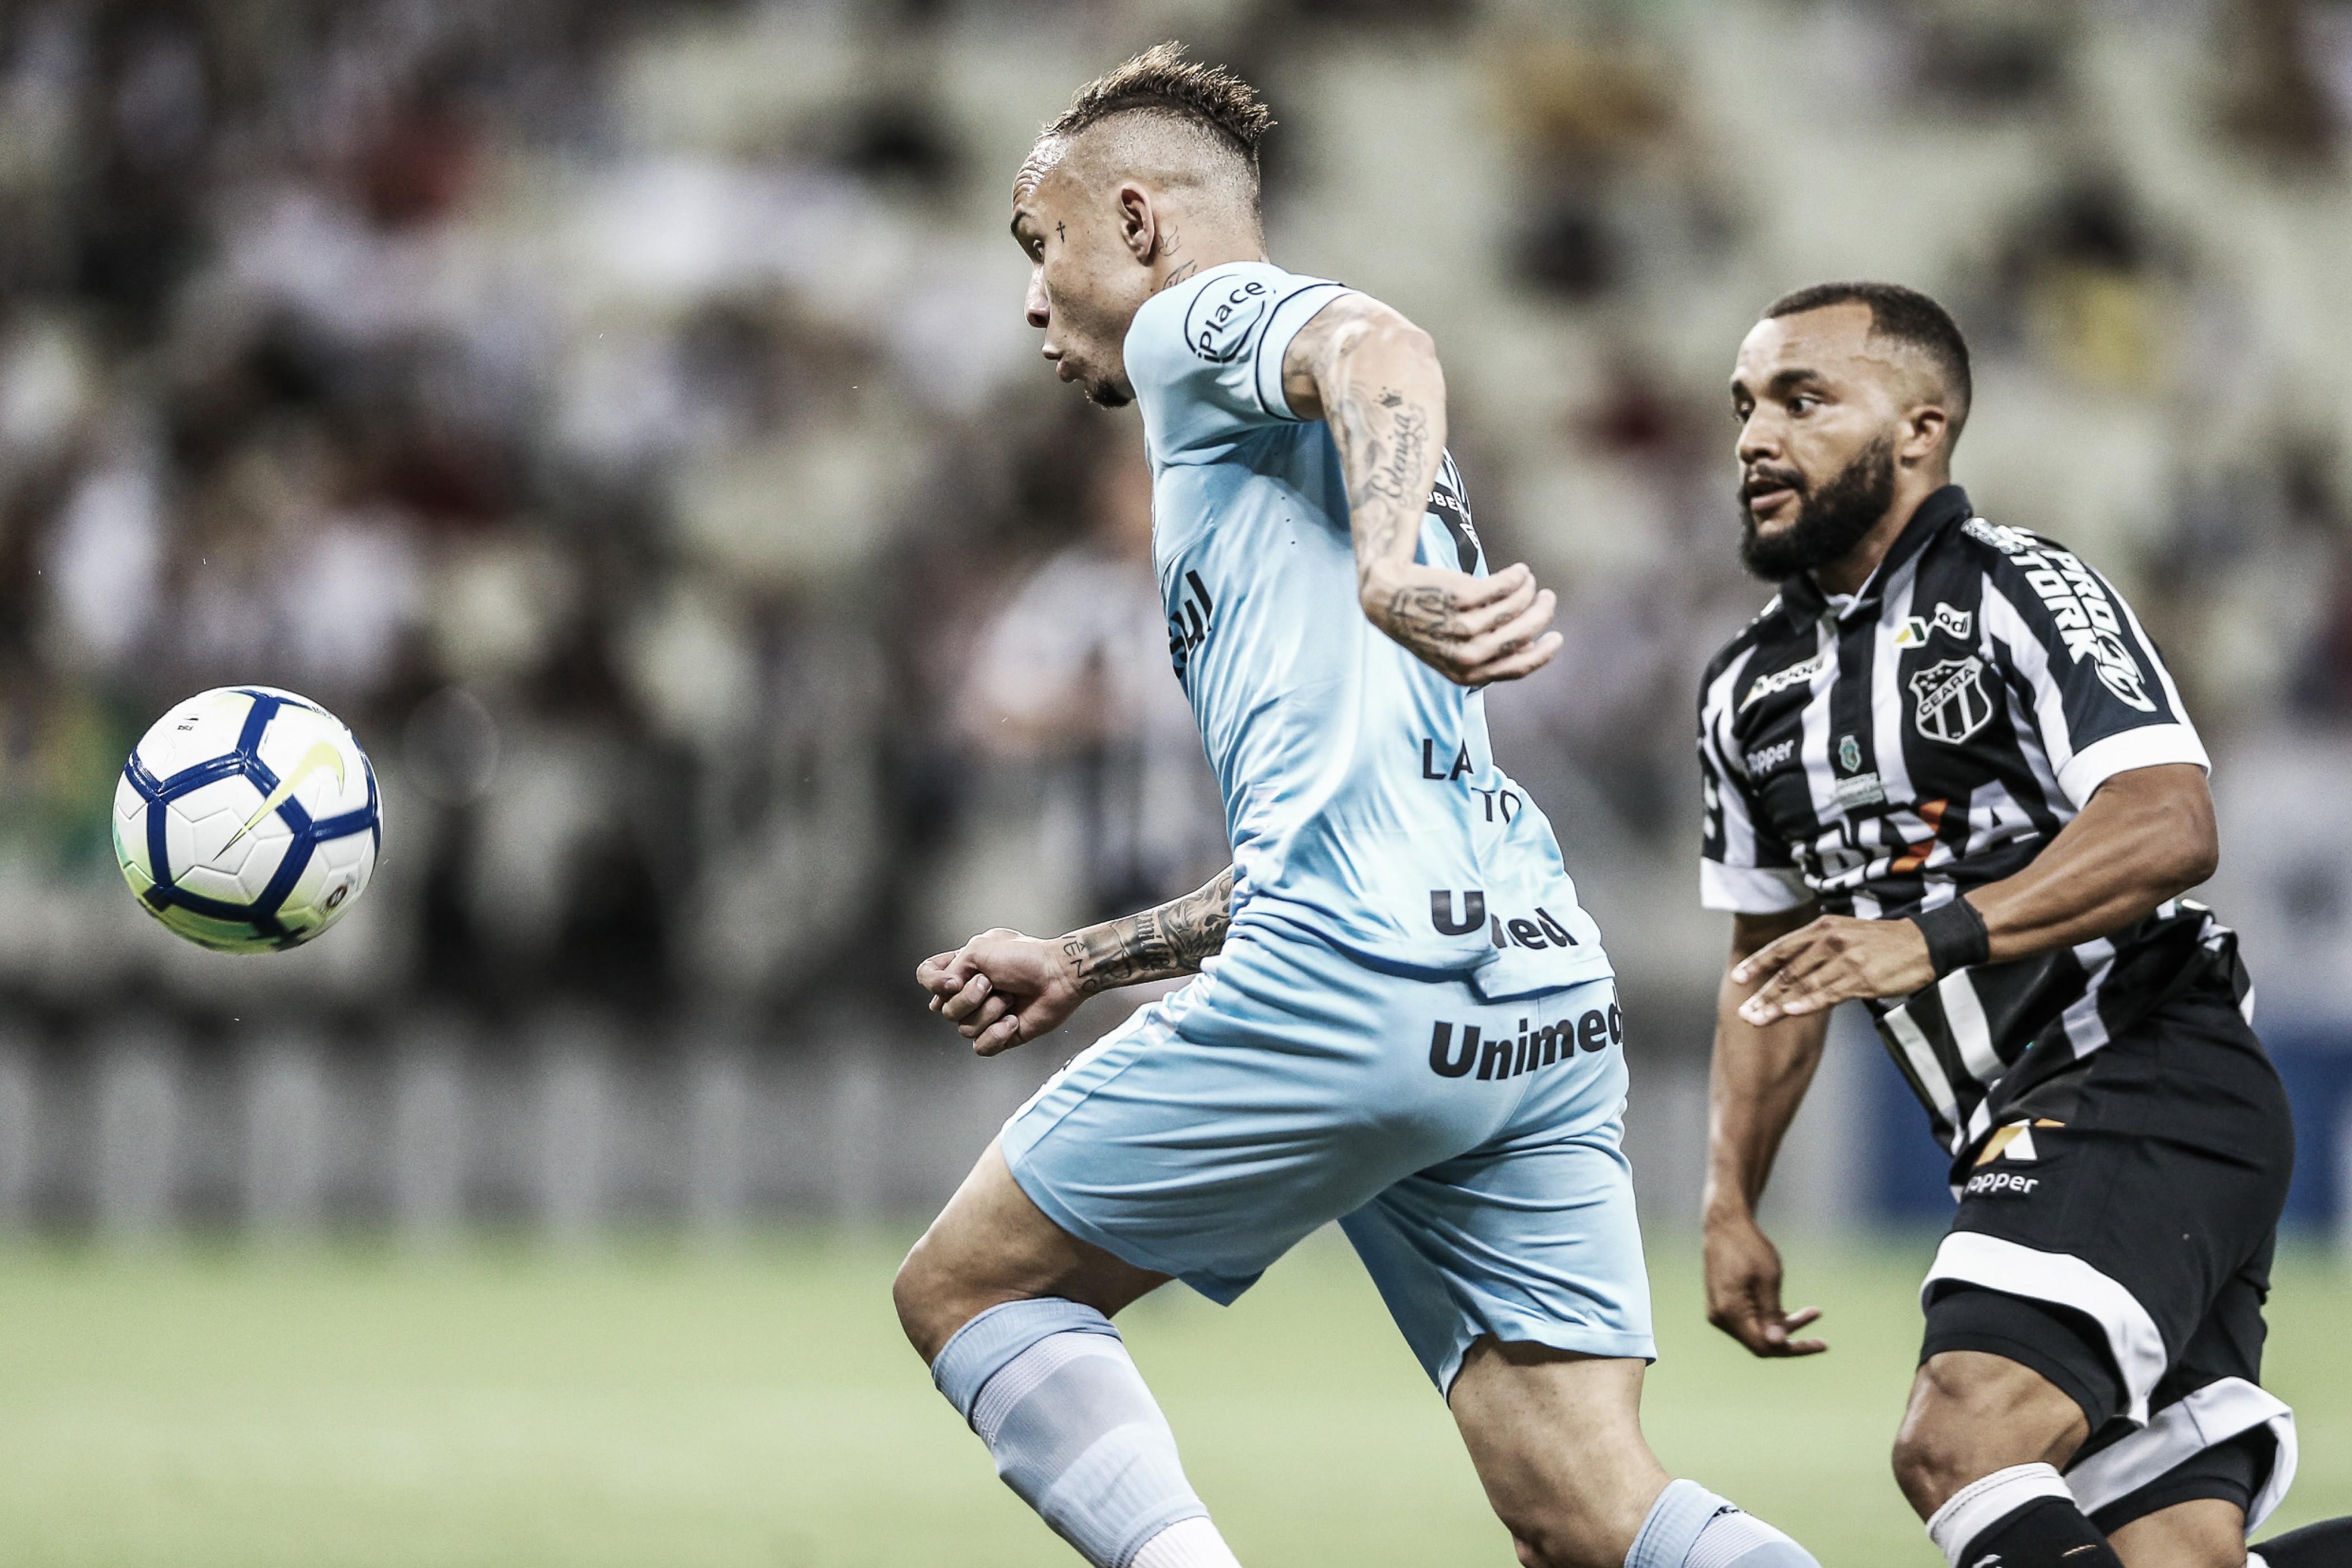 Ainda com esperanças no Campeonato Brasileiro, Grêmio recebe Ceará na Arena